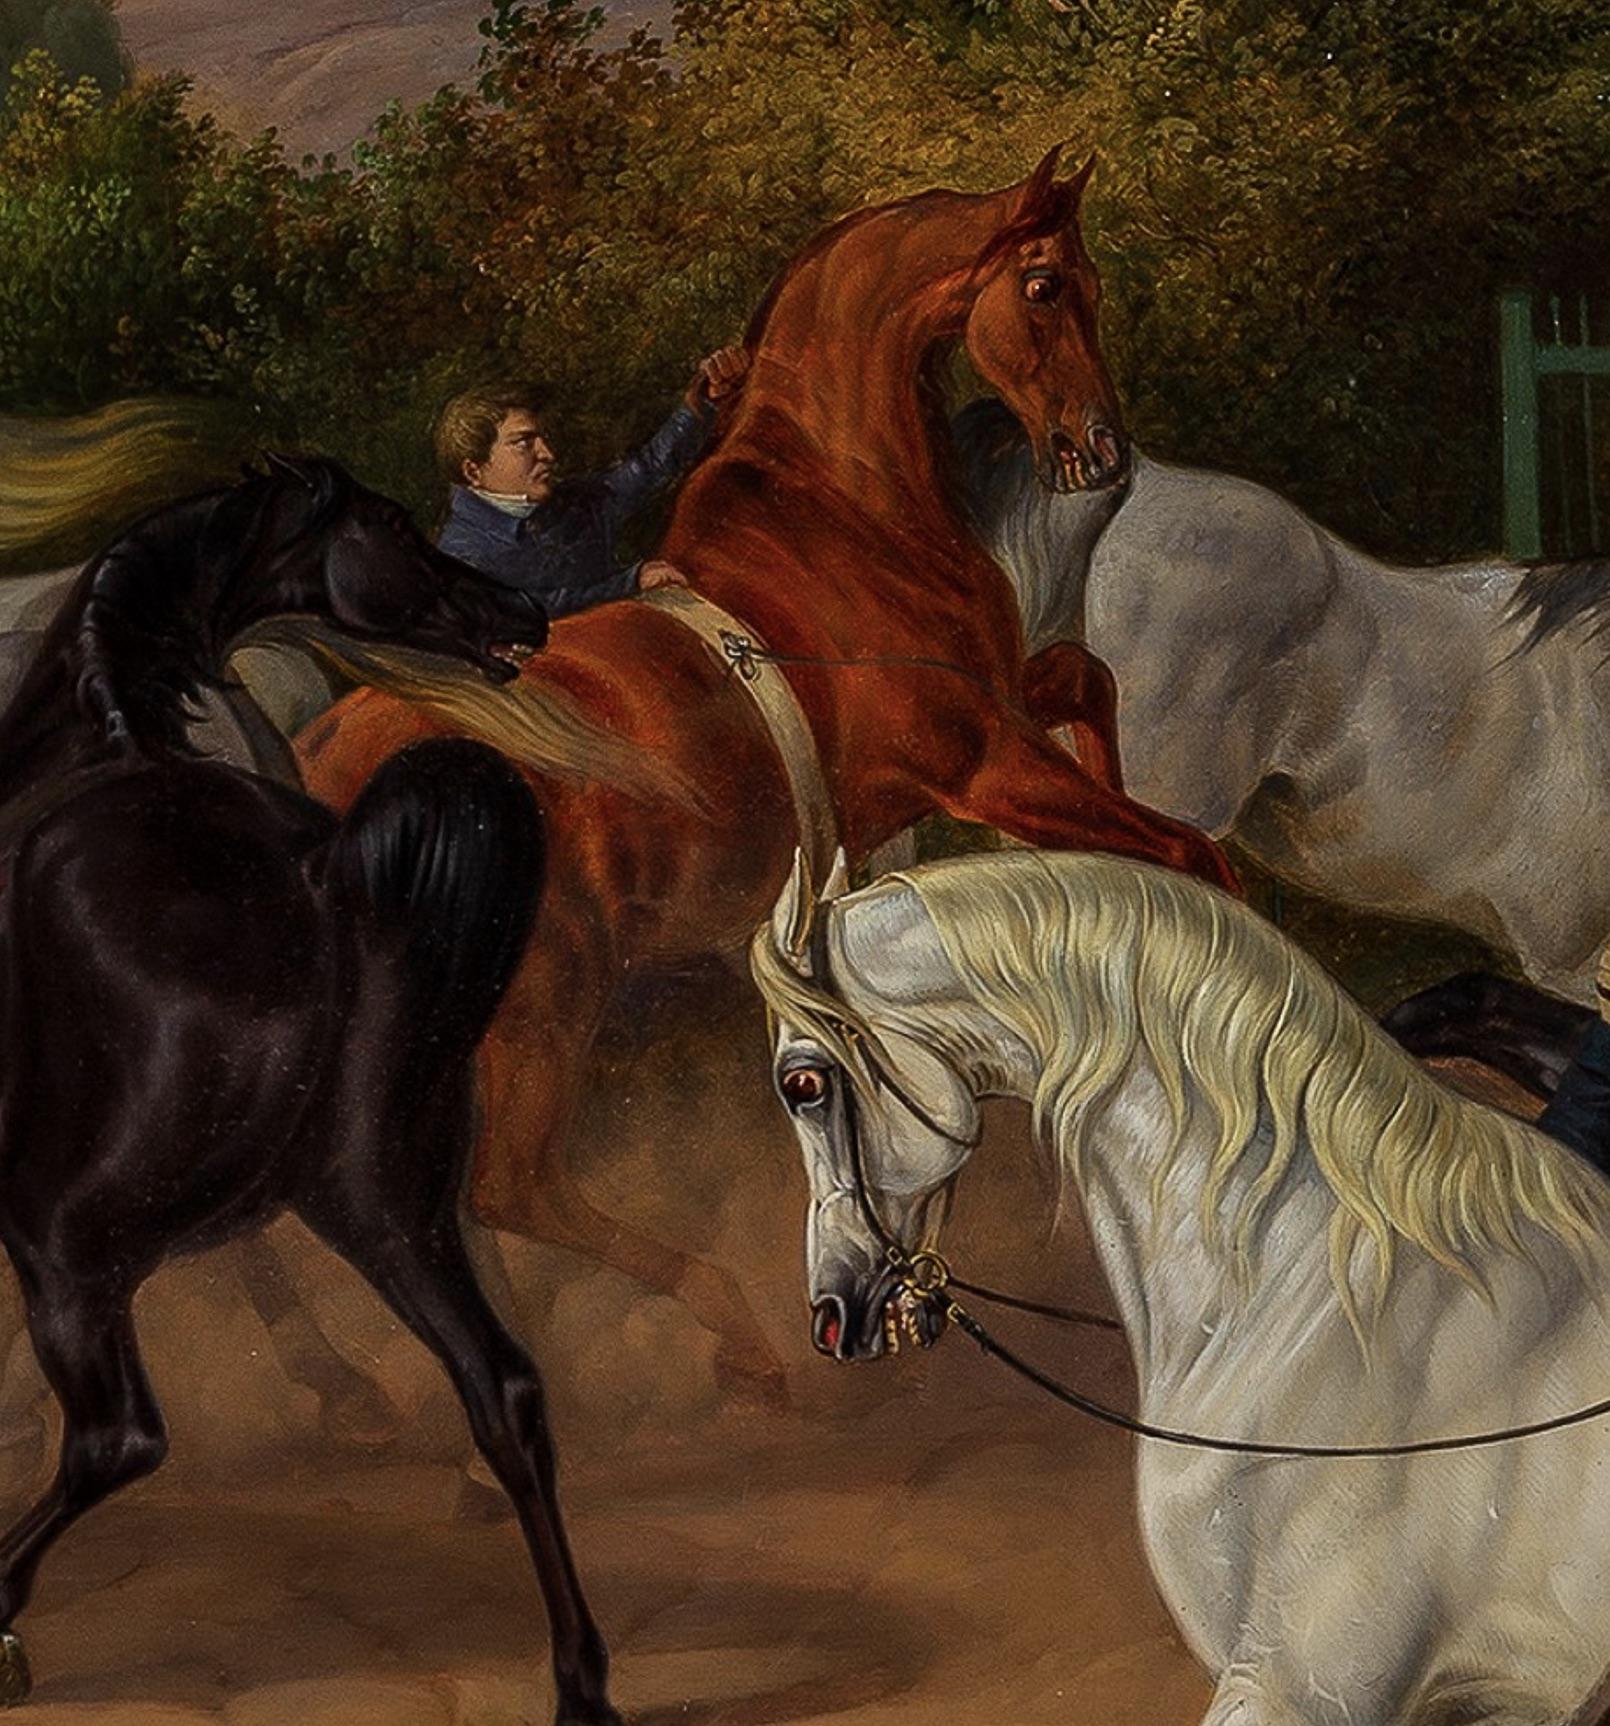 Rossebändiger — ein Denkmal des Kgl. Privatgestüts – Cham gemalt 1844 von Otto Stotz